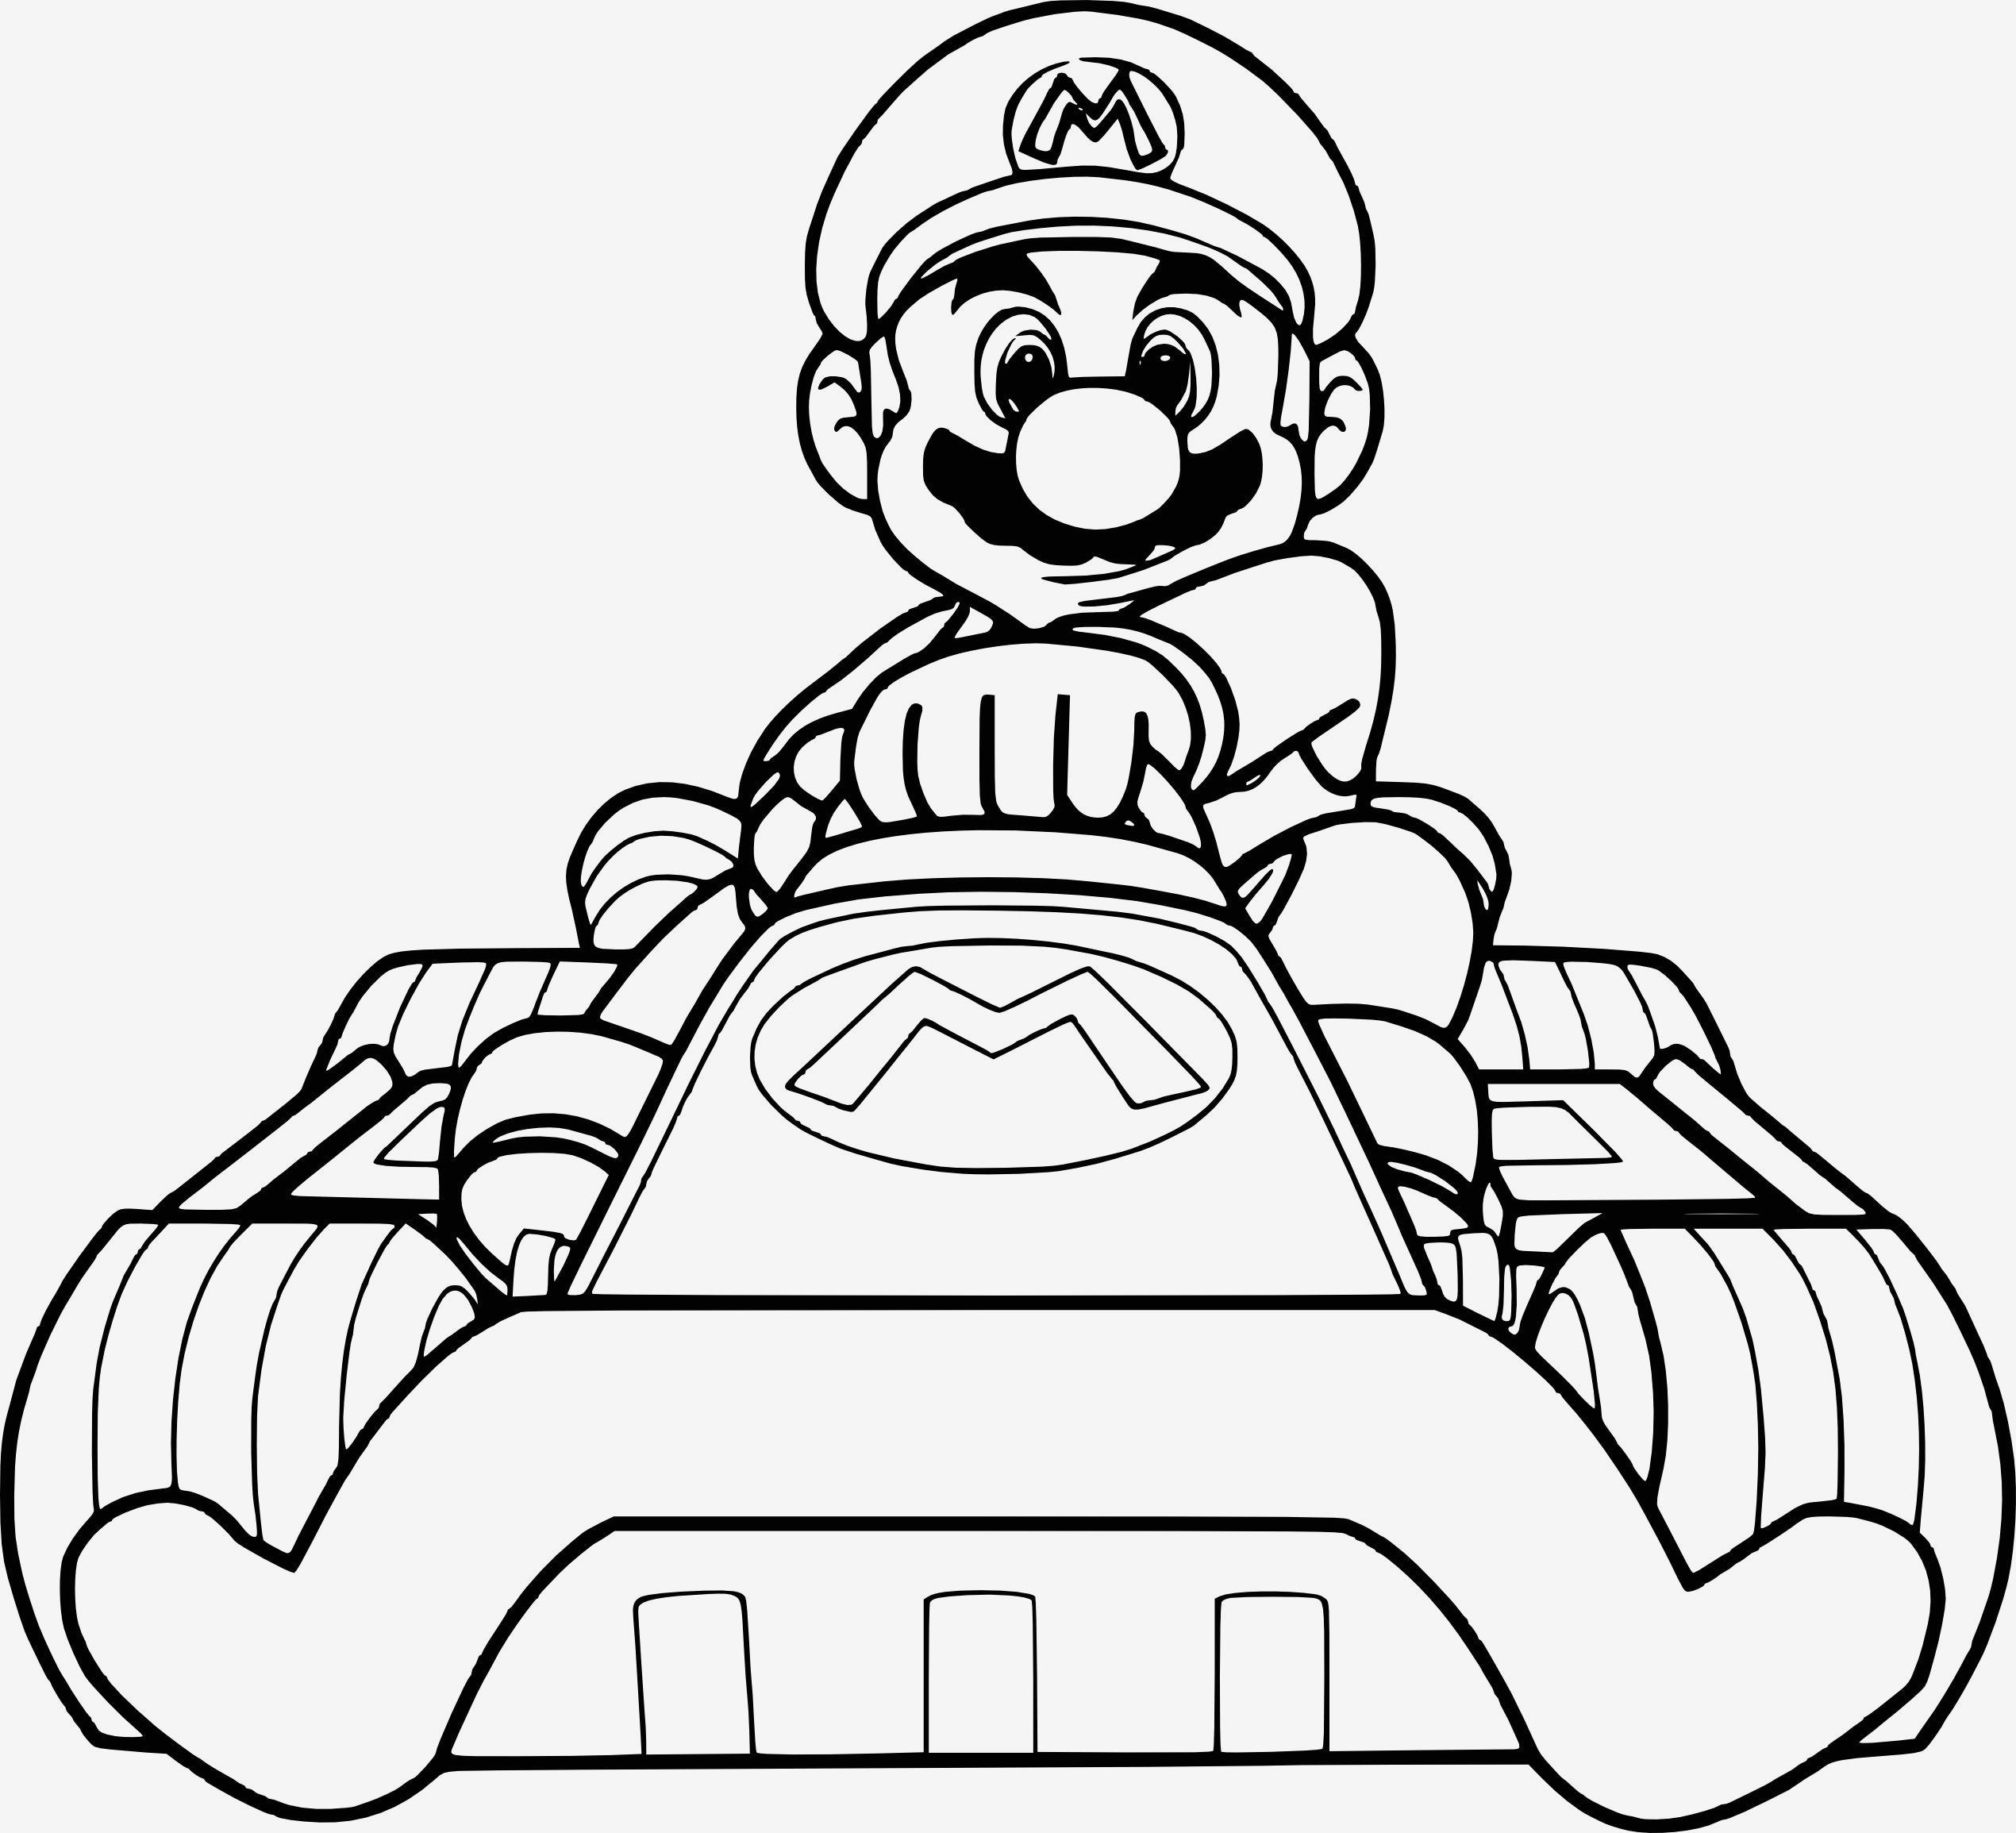 Super Mario Malvorlagen Das Beste Von Spannende Coloring Bilder Super Mario Malvorlagen Das Bild